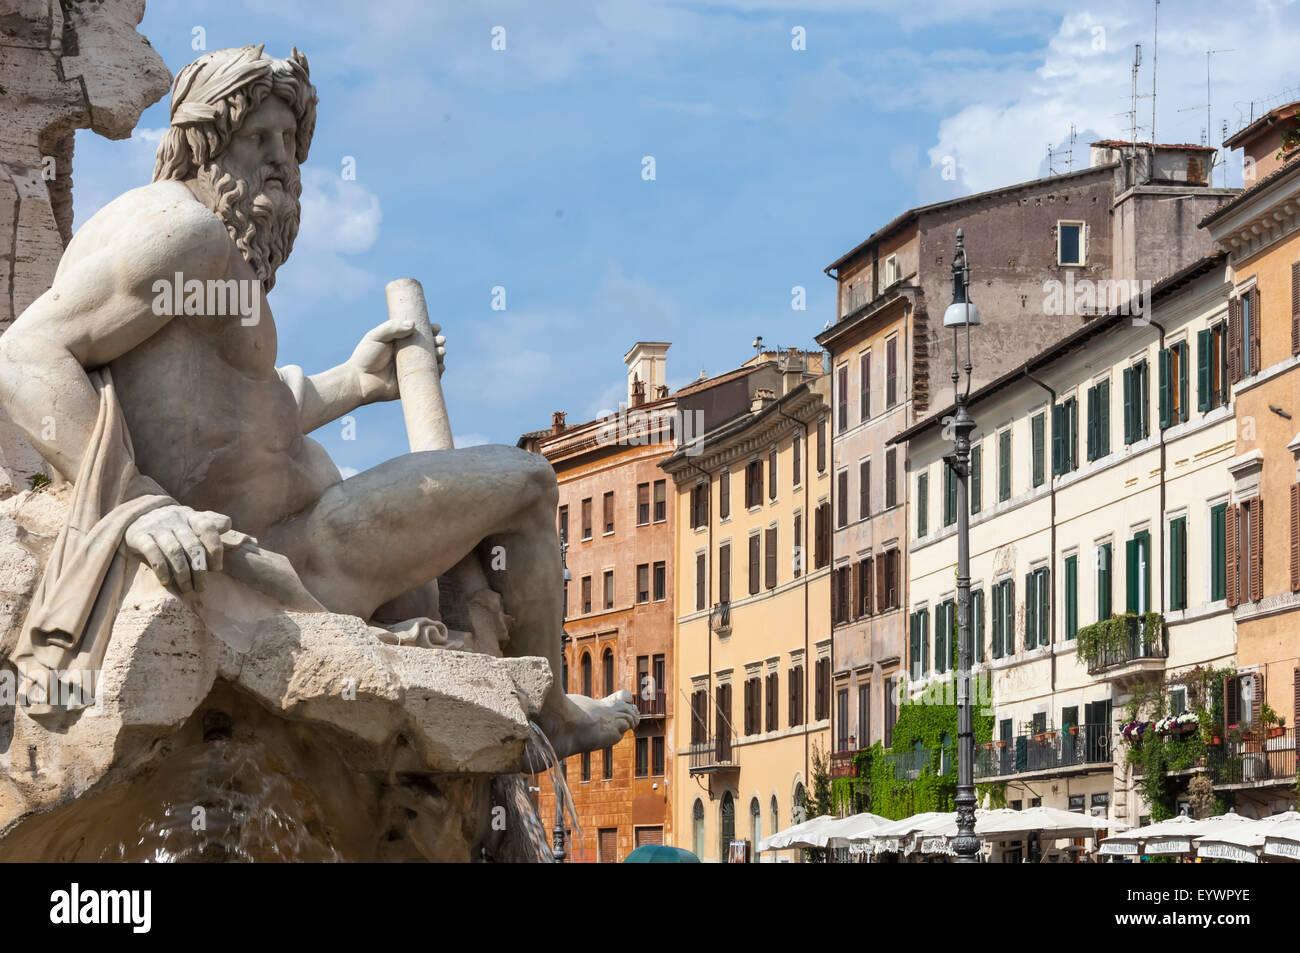 Detalle de la fuente de los Cuatro Ríos, Piazza Navona, Roma, Lazio, Italia, Europa Imagen De Stock